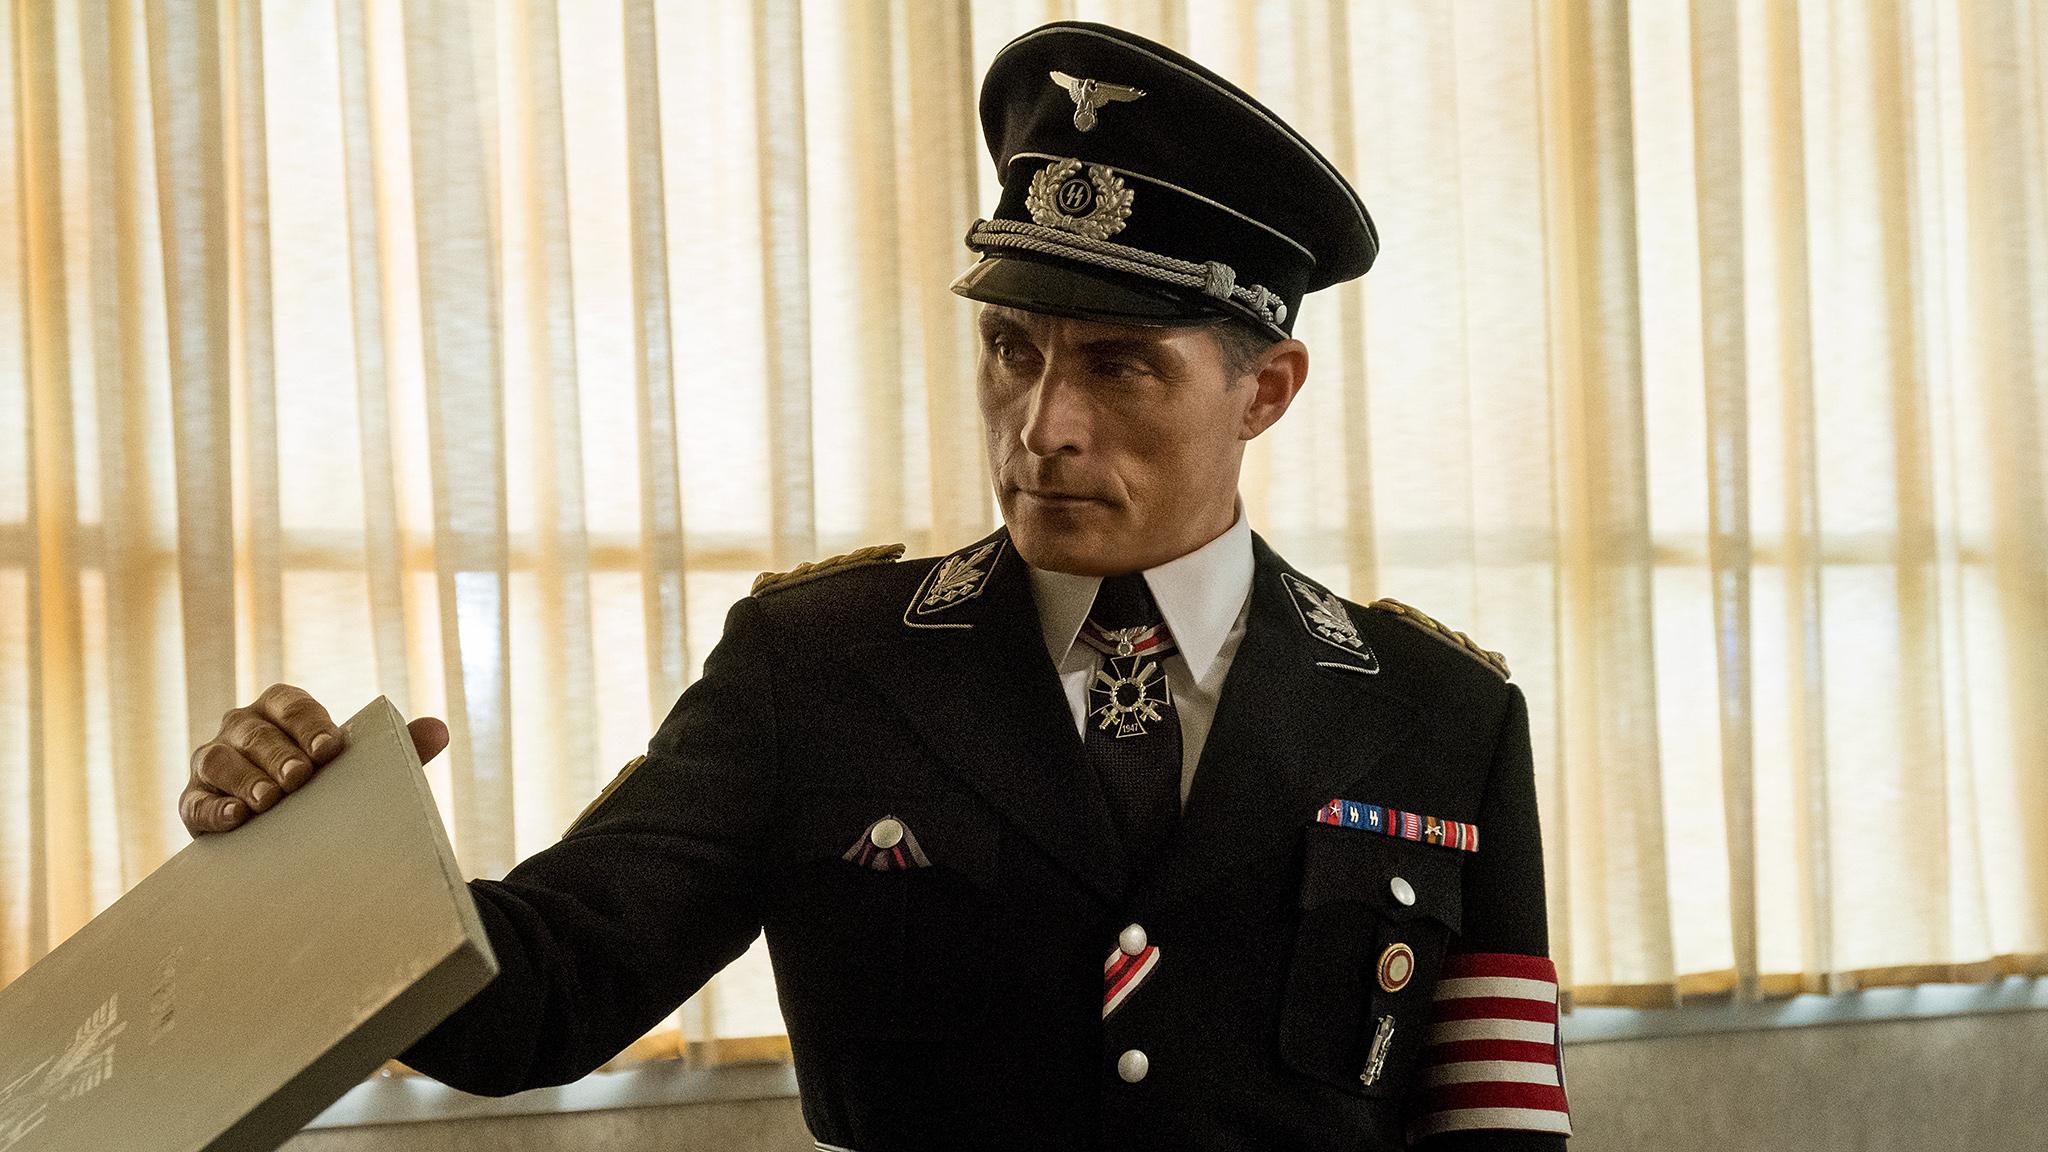 oberstgruppenführer uniform